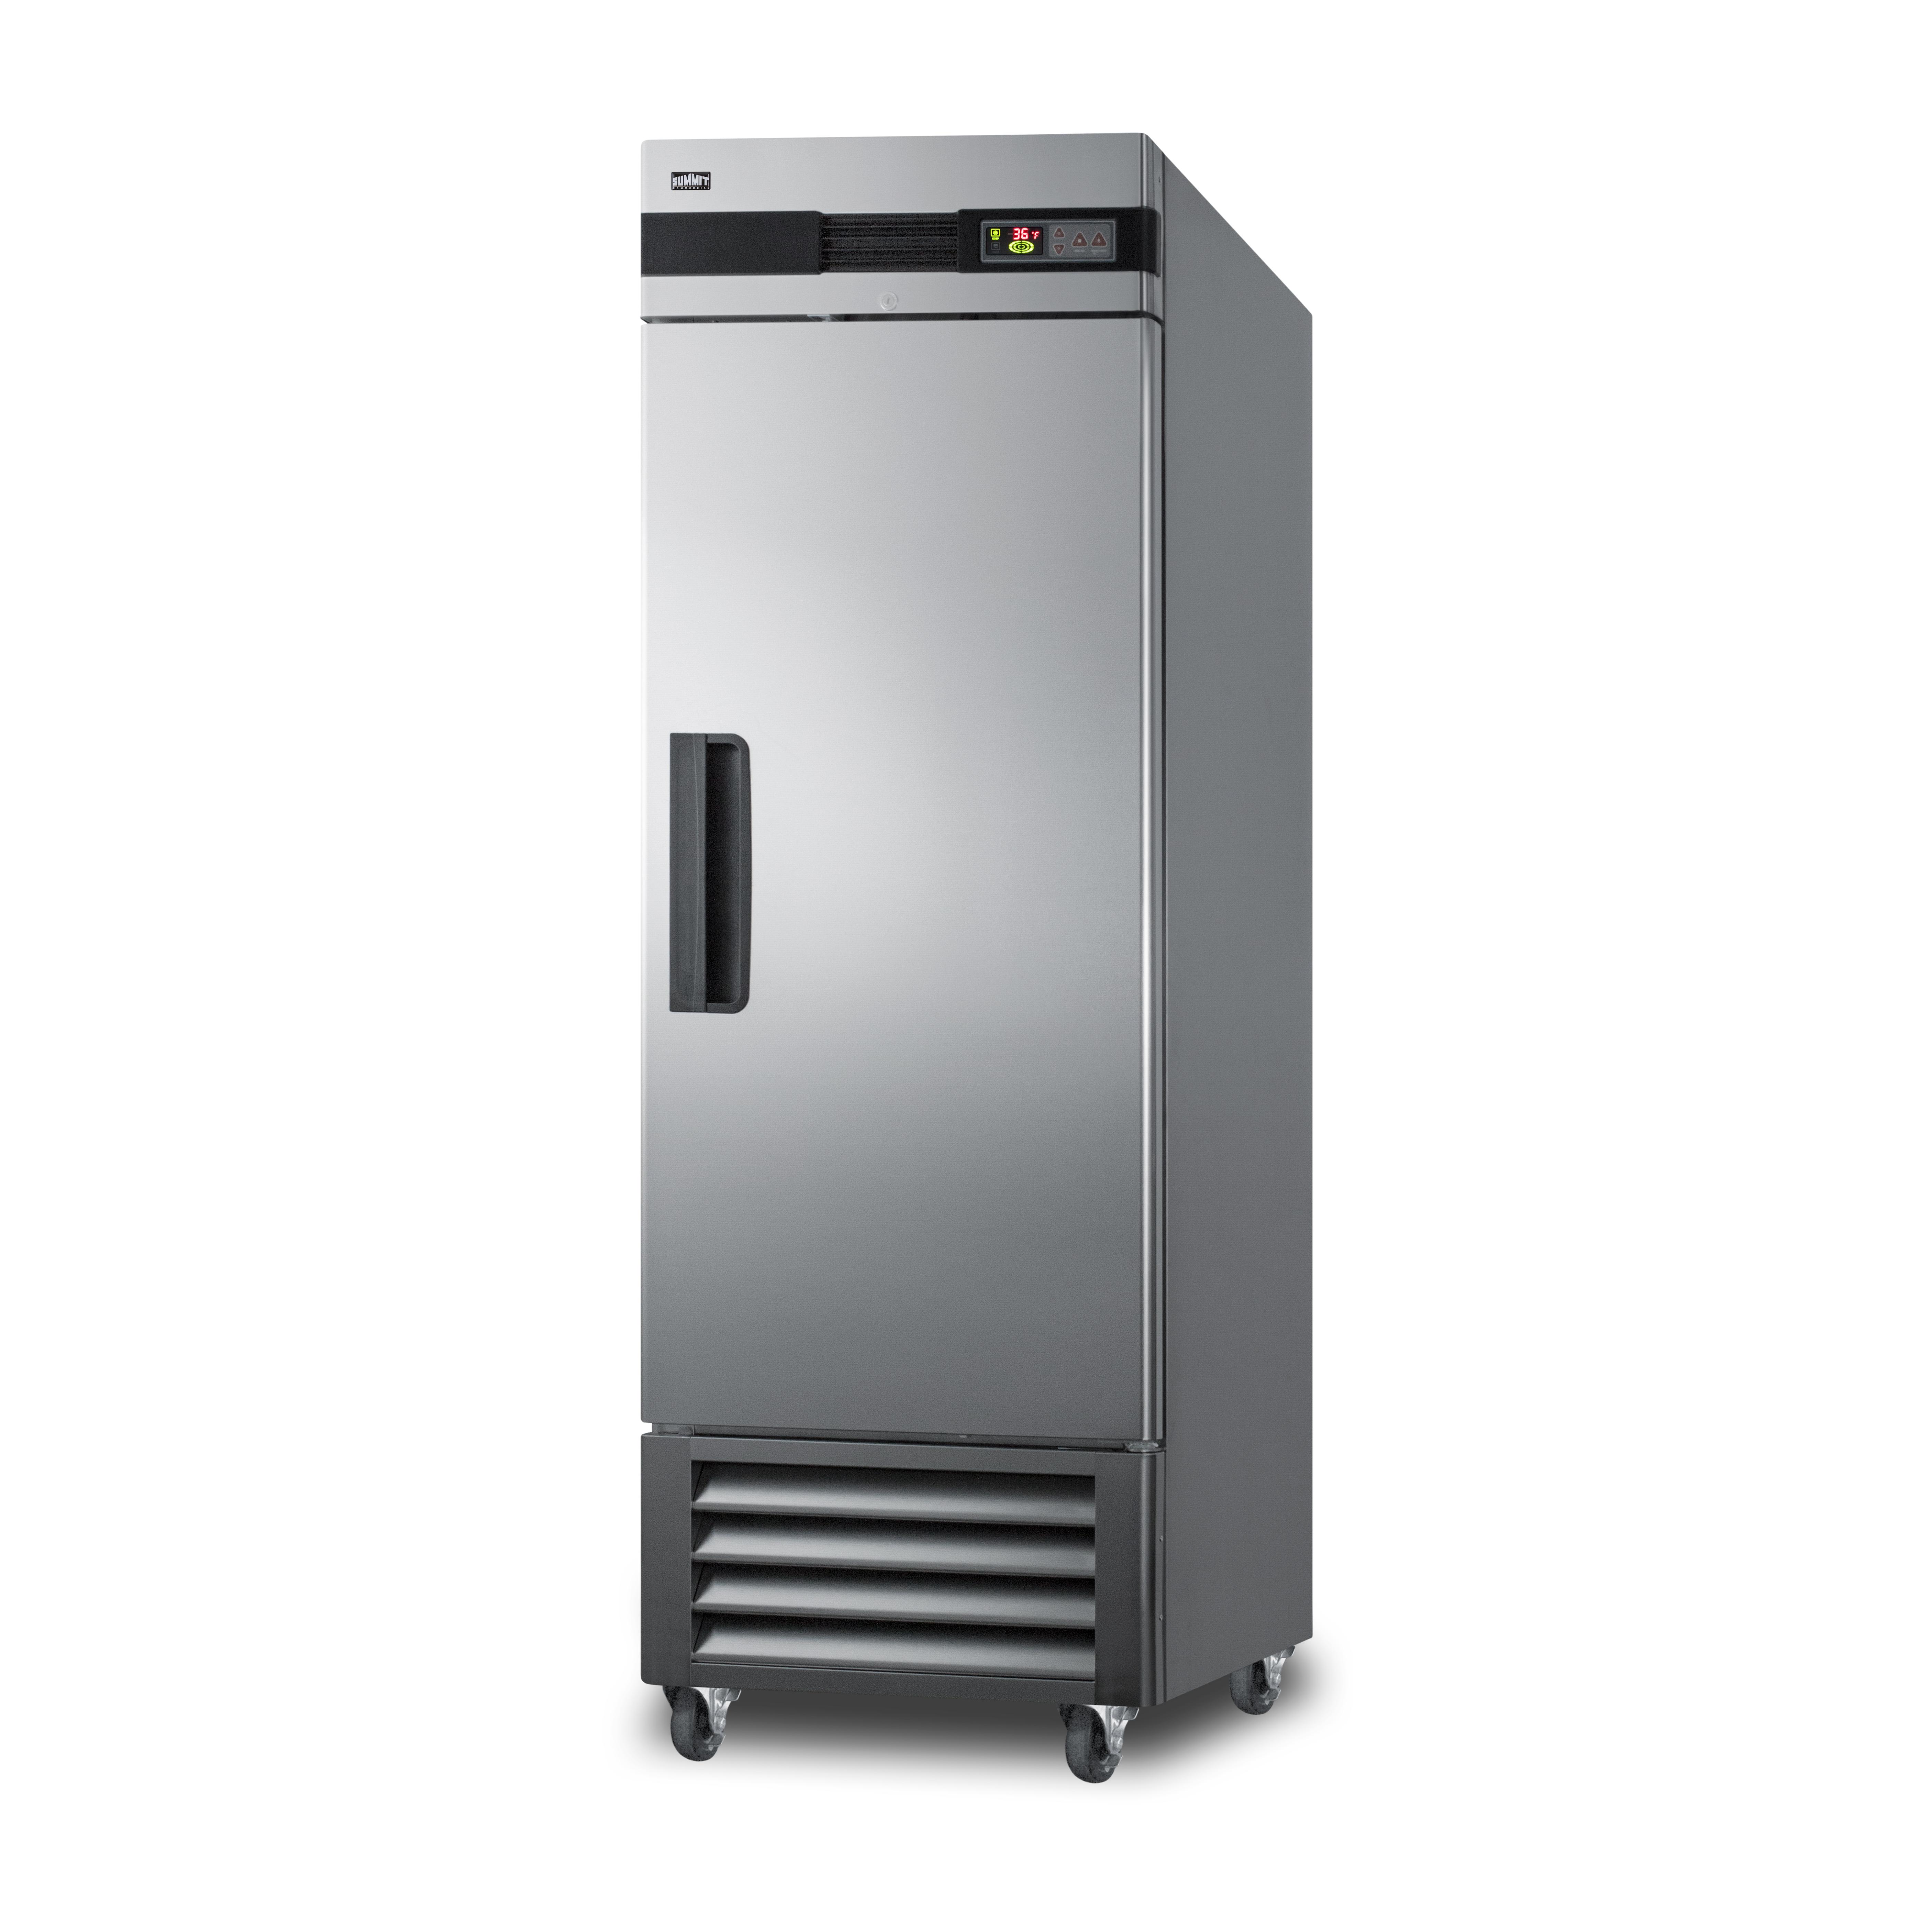 Summit Appliance SCRR232 refrigerator, reach-in